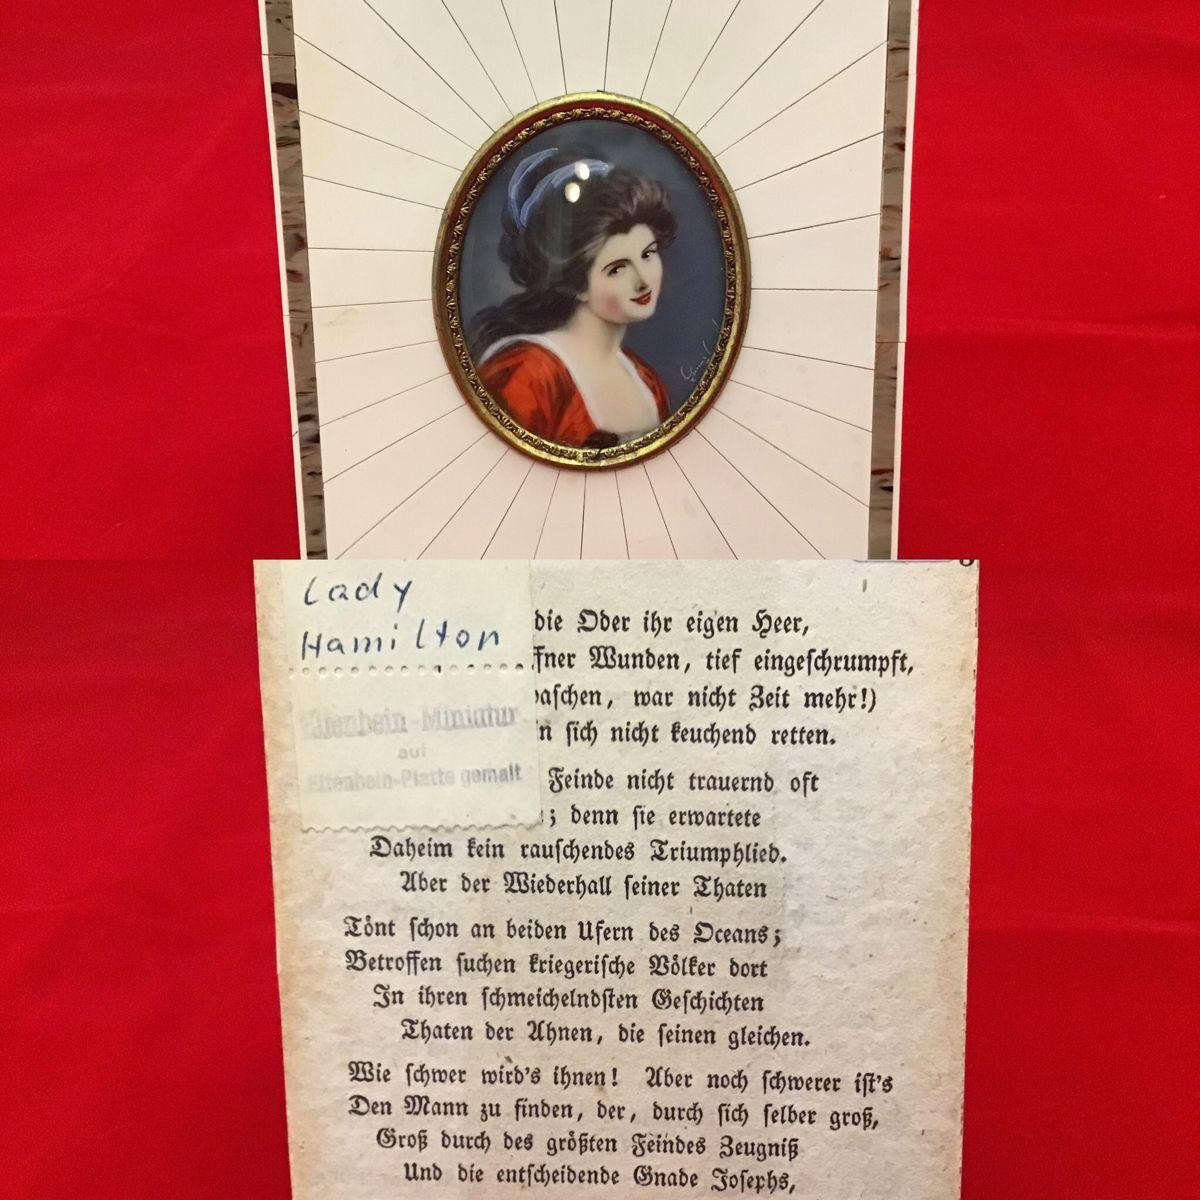 Ovalt miniature maleri. Portræt af Lady Hamilton. Med ramme i elfenben. Mål: 10,5 x 9 cm. (Solgt). #antik #antikviteter #maleri #kunst #retro #retroguld #retrostyle #porcelæn #ladyhamilton #porcelænsmaleri #boligindretning #boliginspiration  @ Antikhjørnet